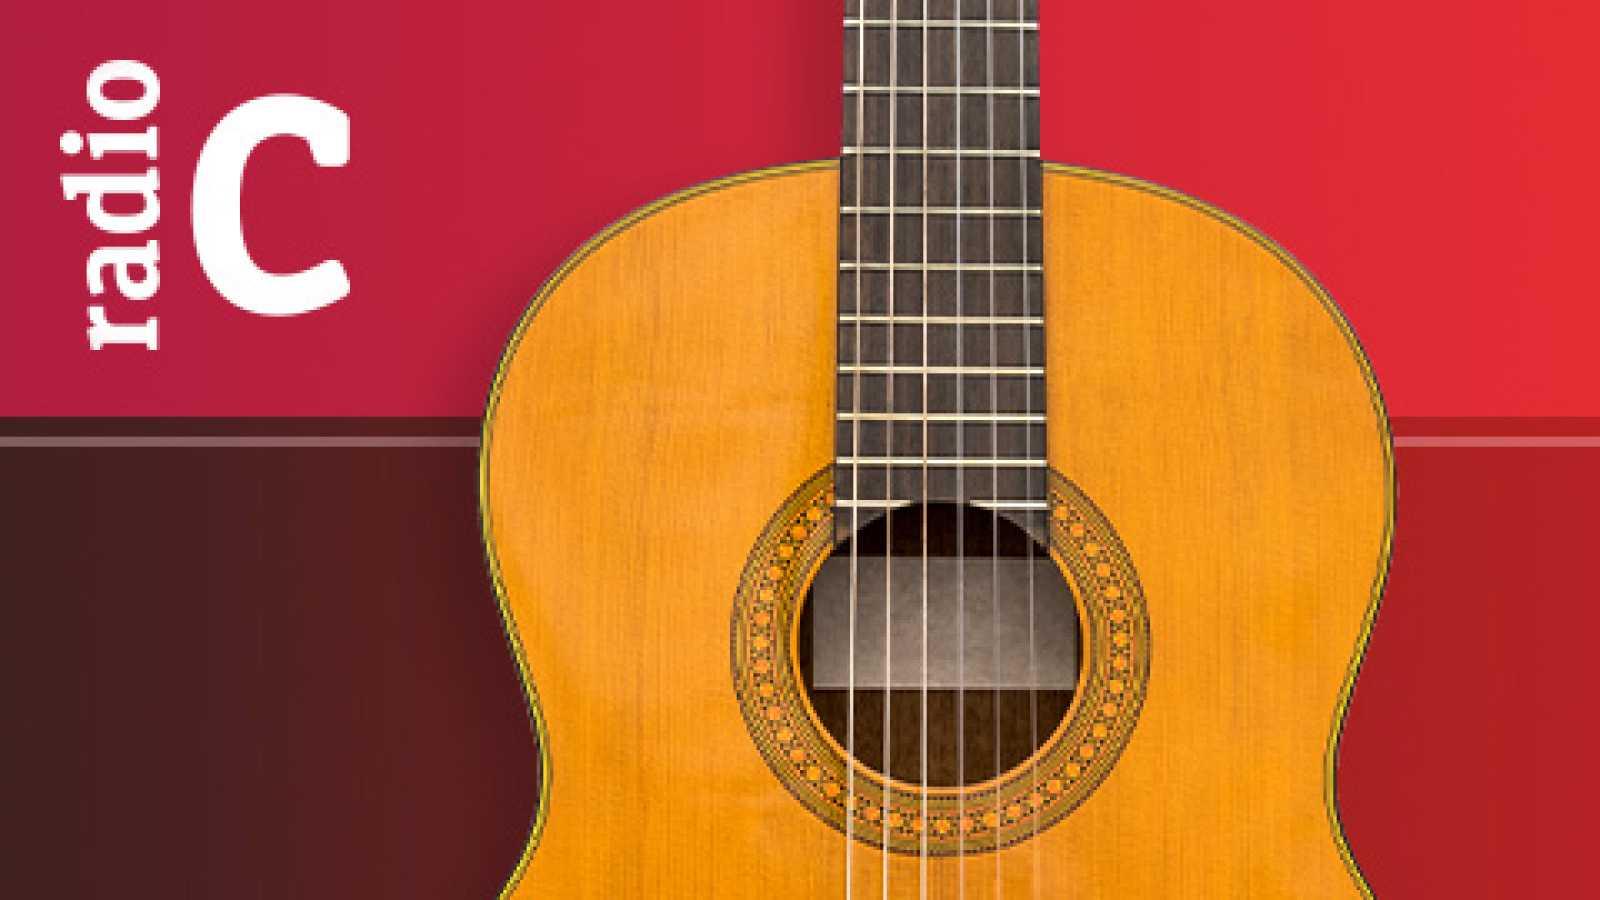 La guitarra - Narciso Yepes interpreta a Villa-Lobos - 27/01/13 - escuchar ahora